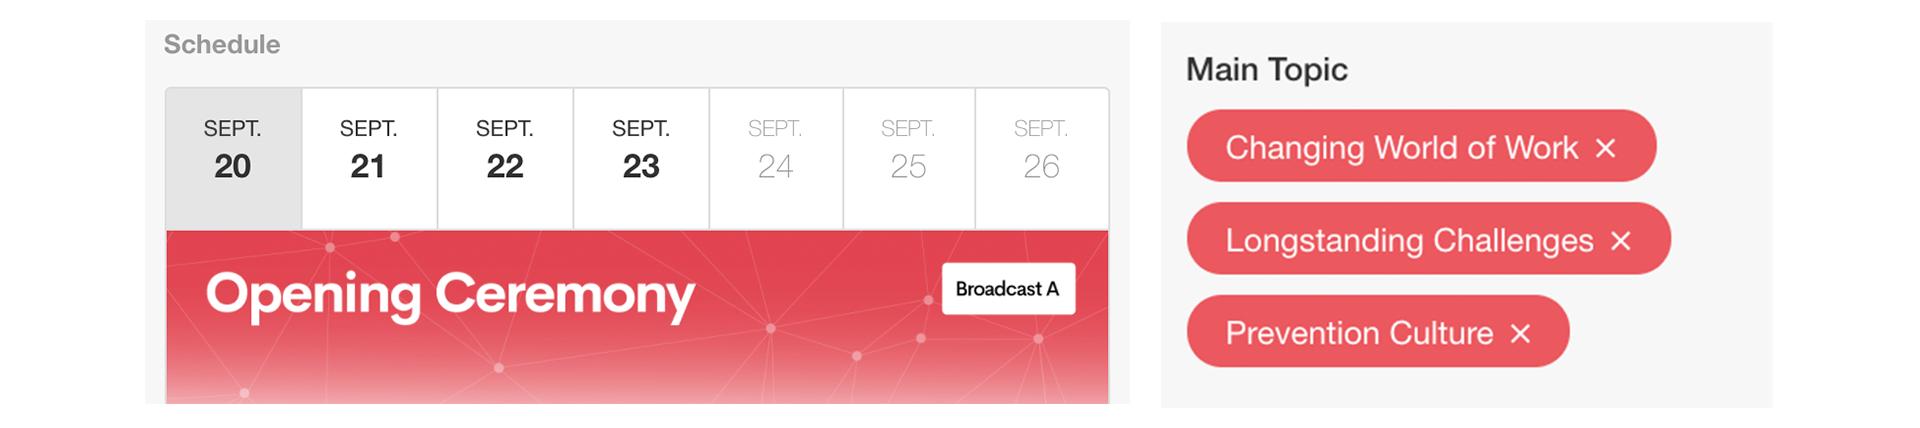 Asset_BlogPost_Schedule